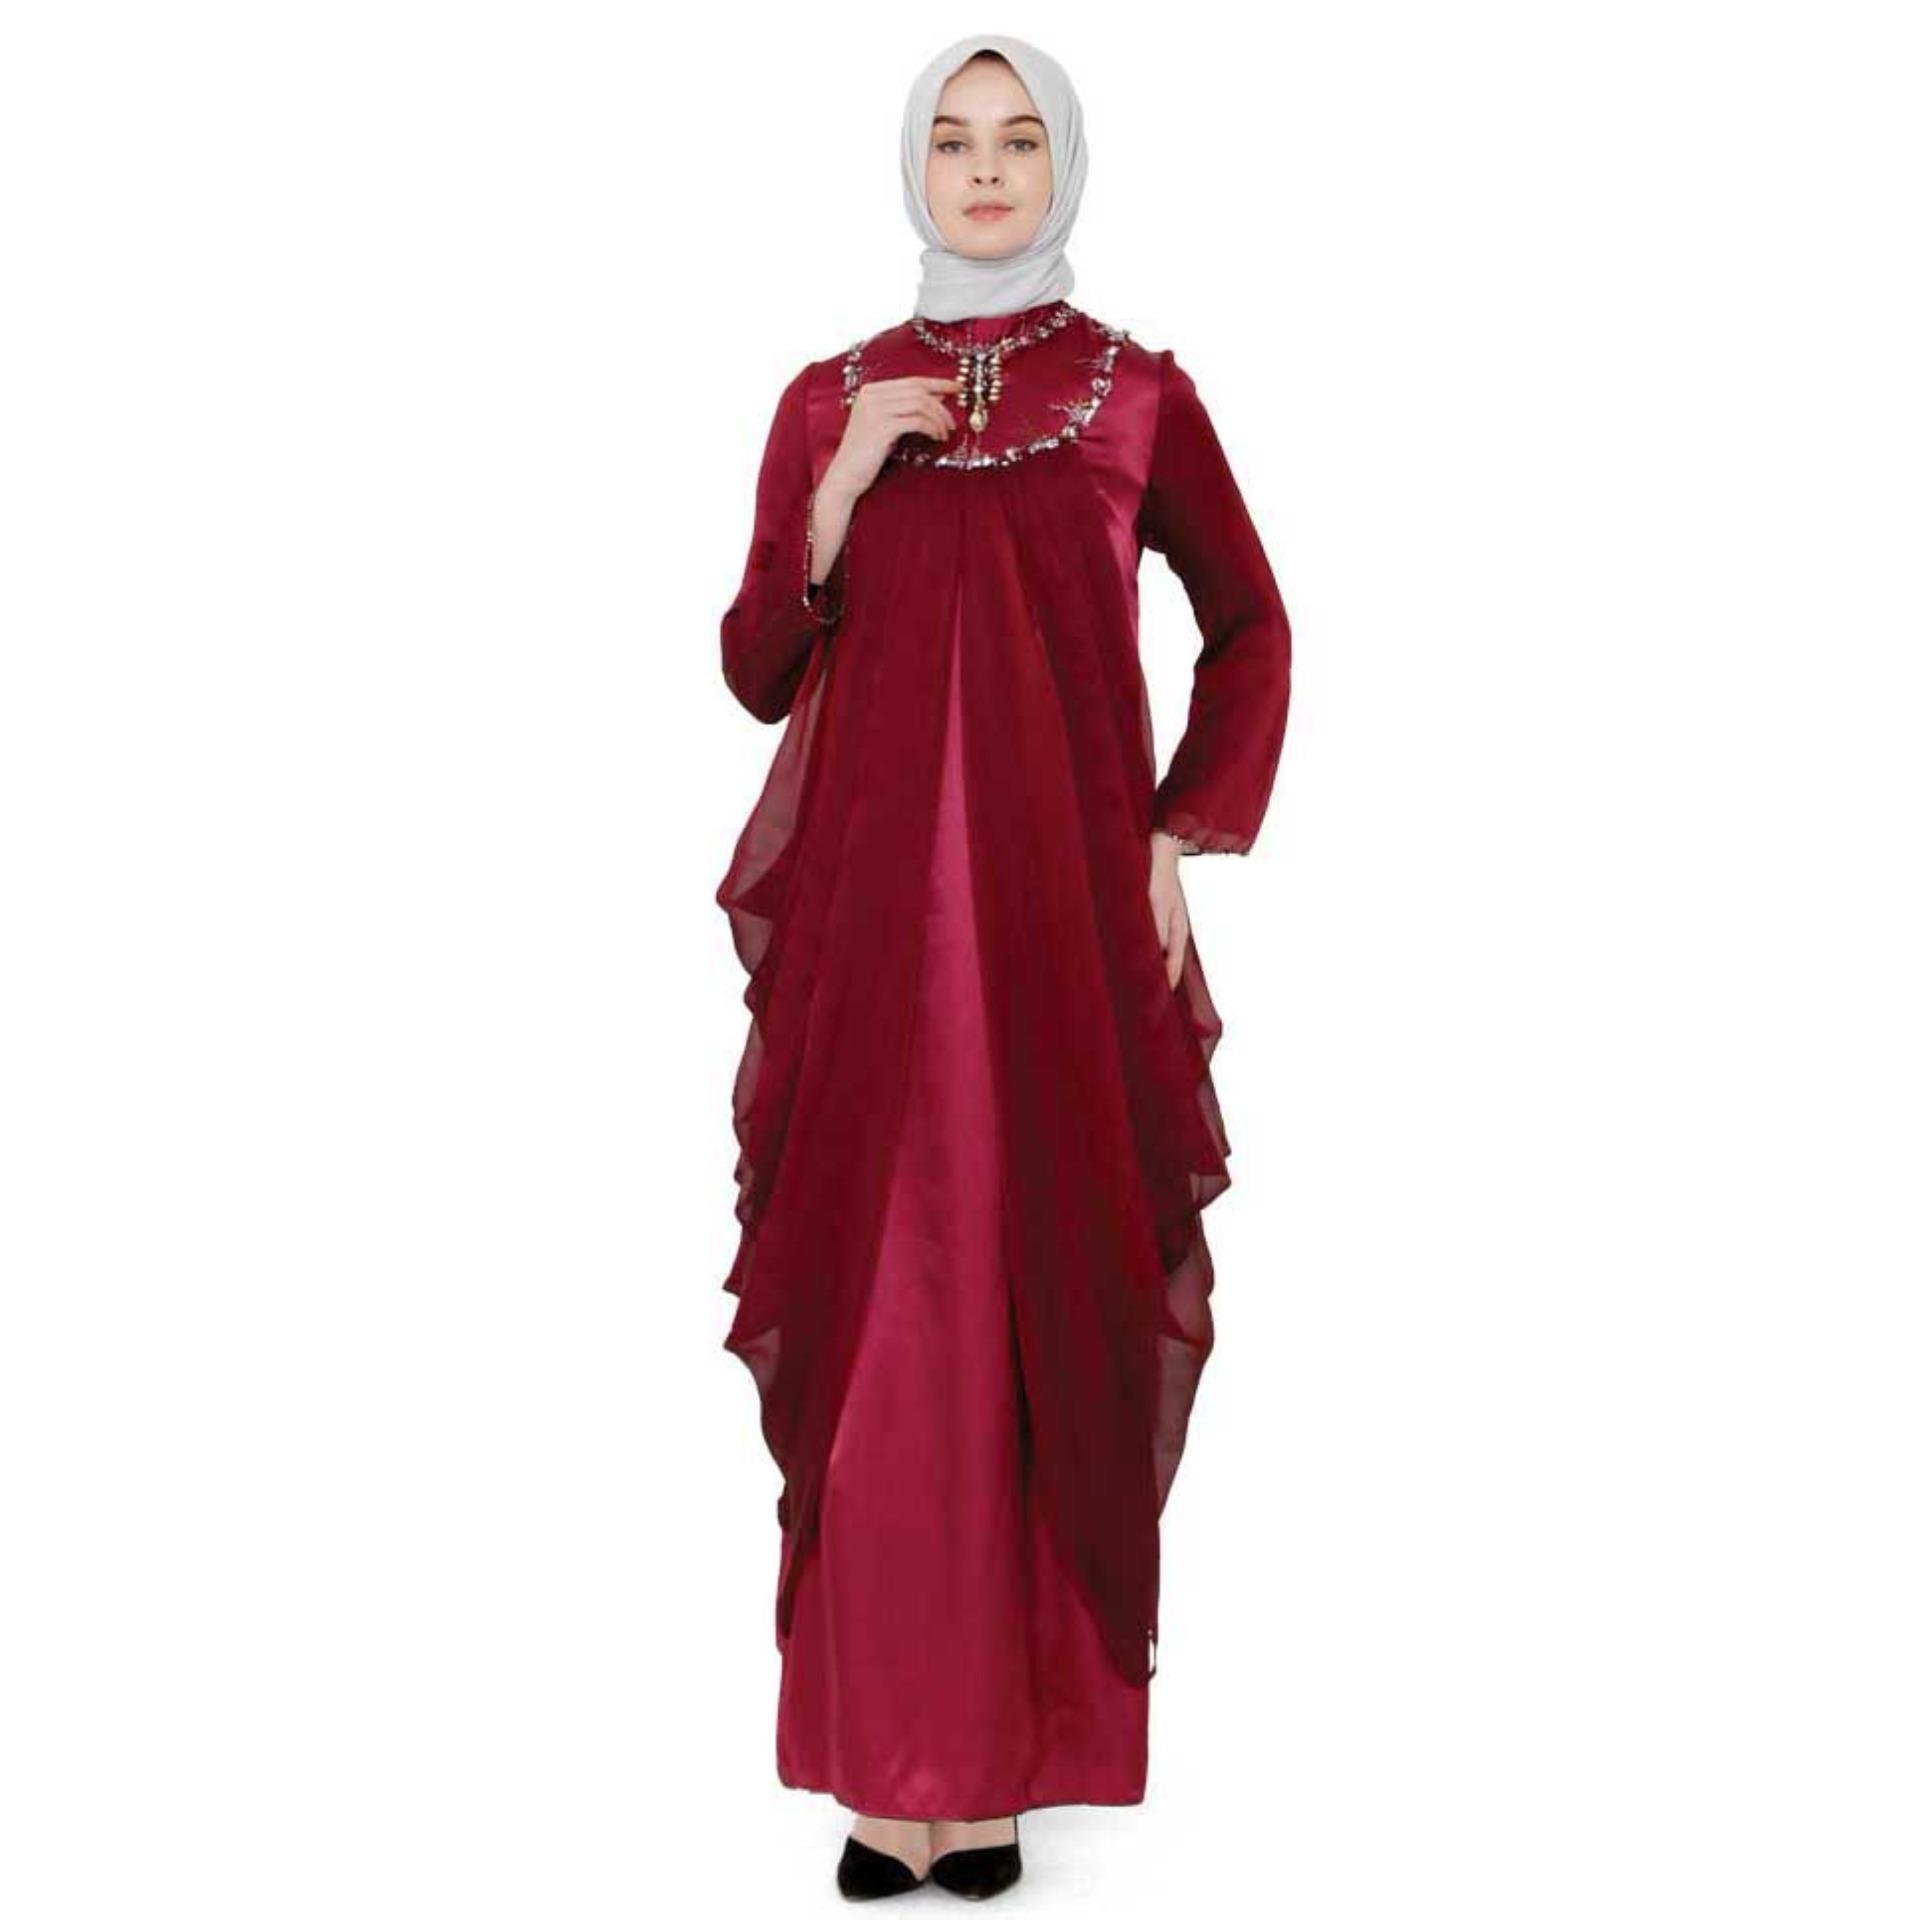 Baju Gamis Muslimah  Bahan VELVET HAIKON  -  MERAH